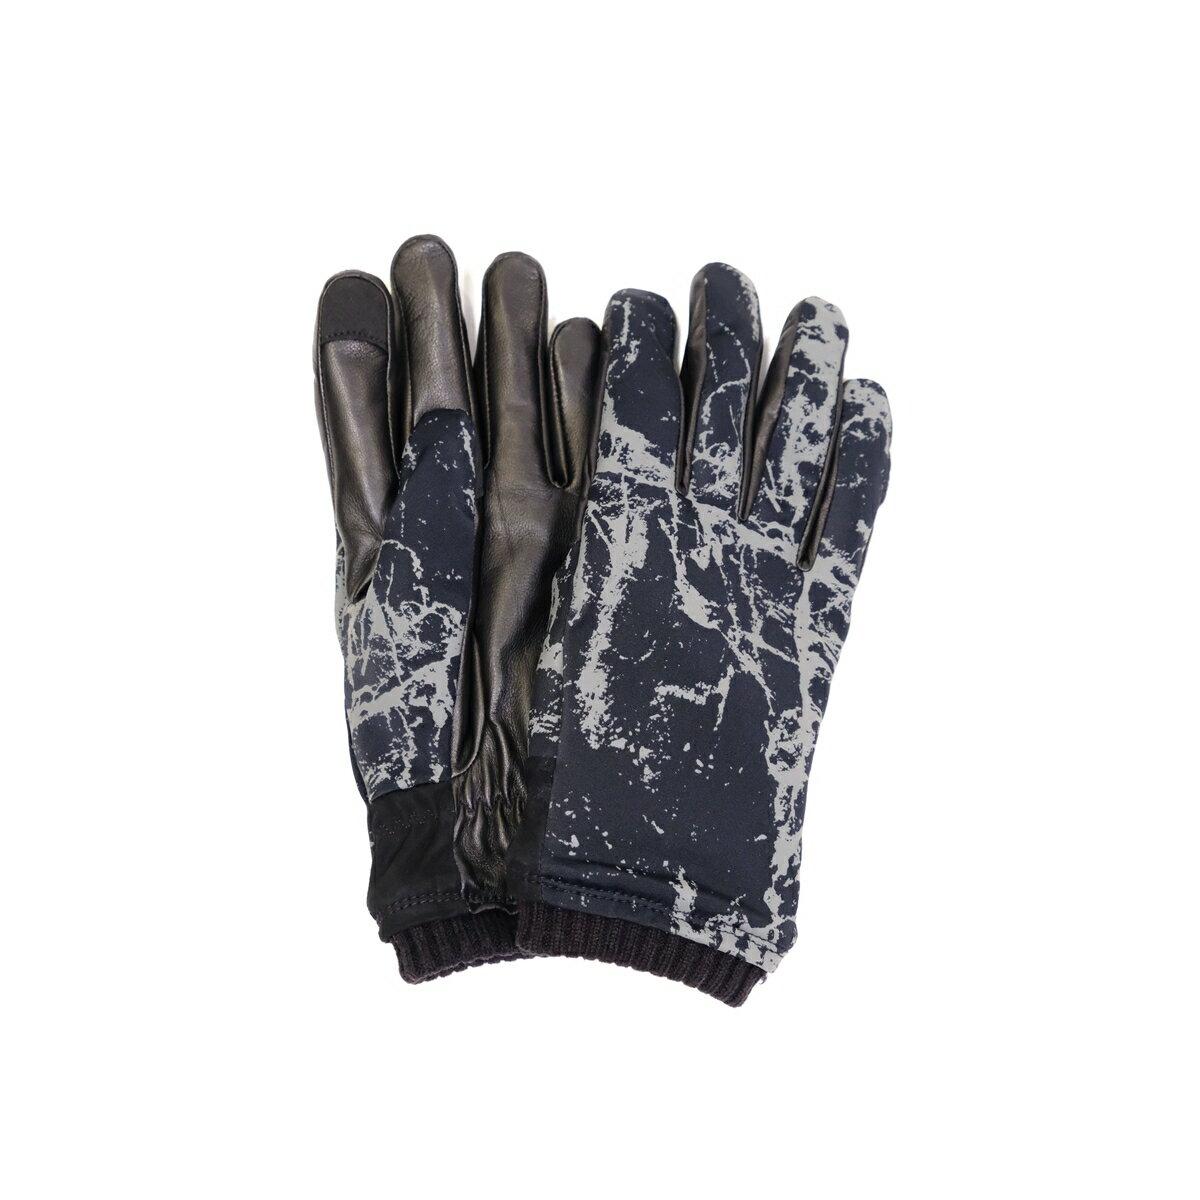 手袋・アームウォーマー, メンズ手袋 HONNS LOGAN MARBLE (BLACK) 503-73903 GLOVE